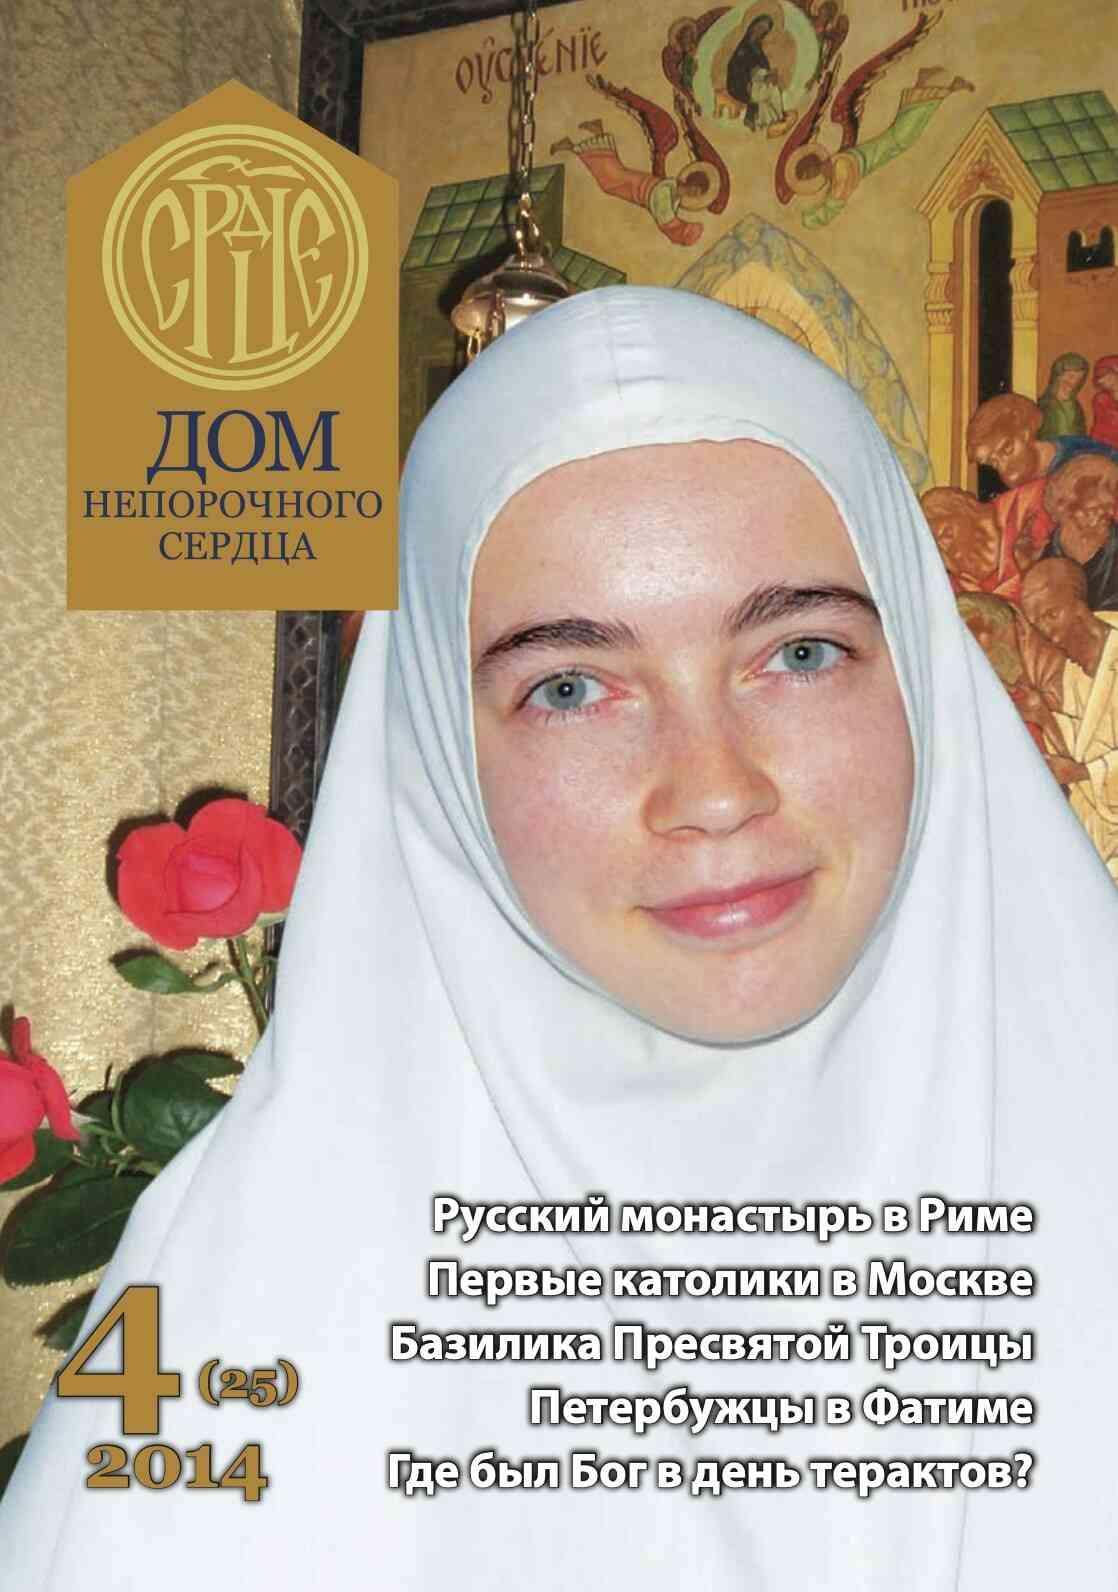 Журнал «Дом Непорочного Сердца» № 4 (25) 2014 год